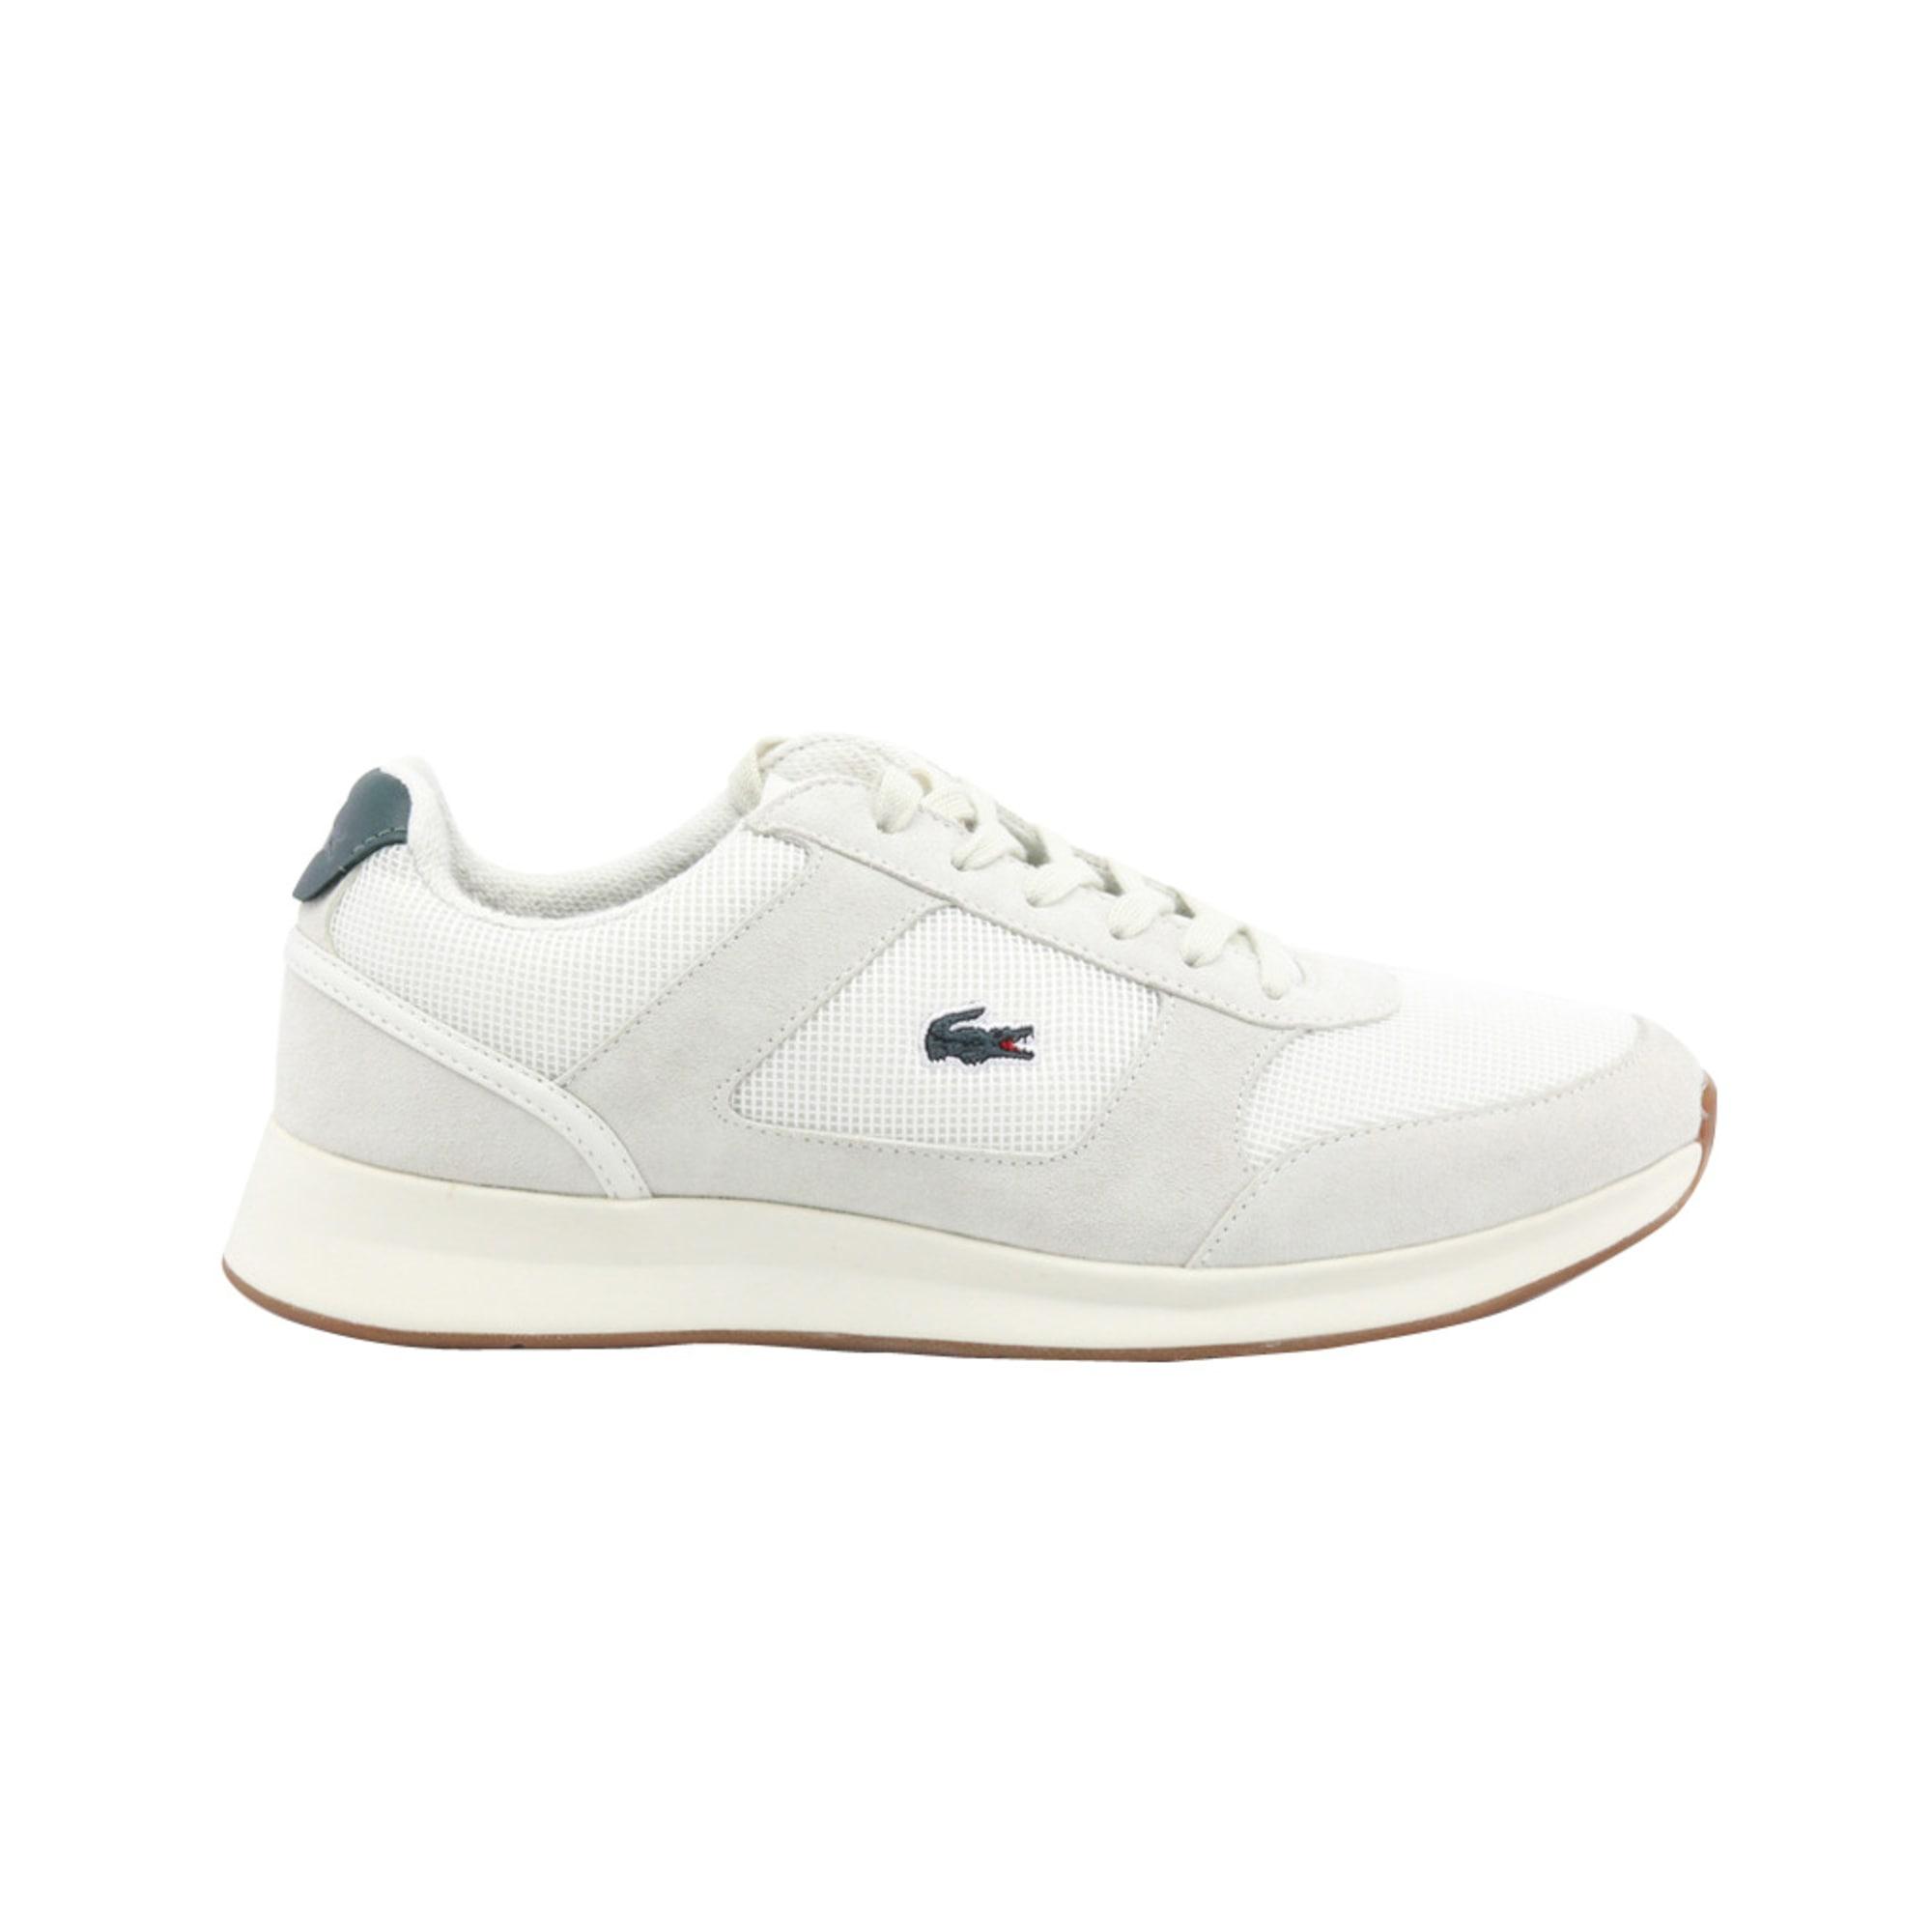 Lacoste Baskets Chaussures Homme Blanc blanc cassé écru